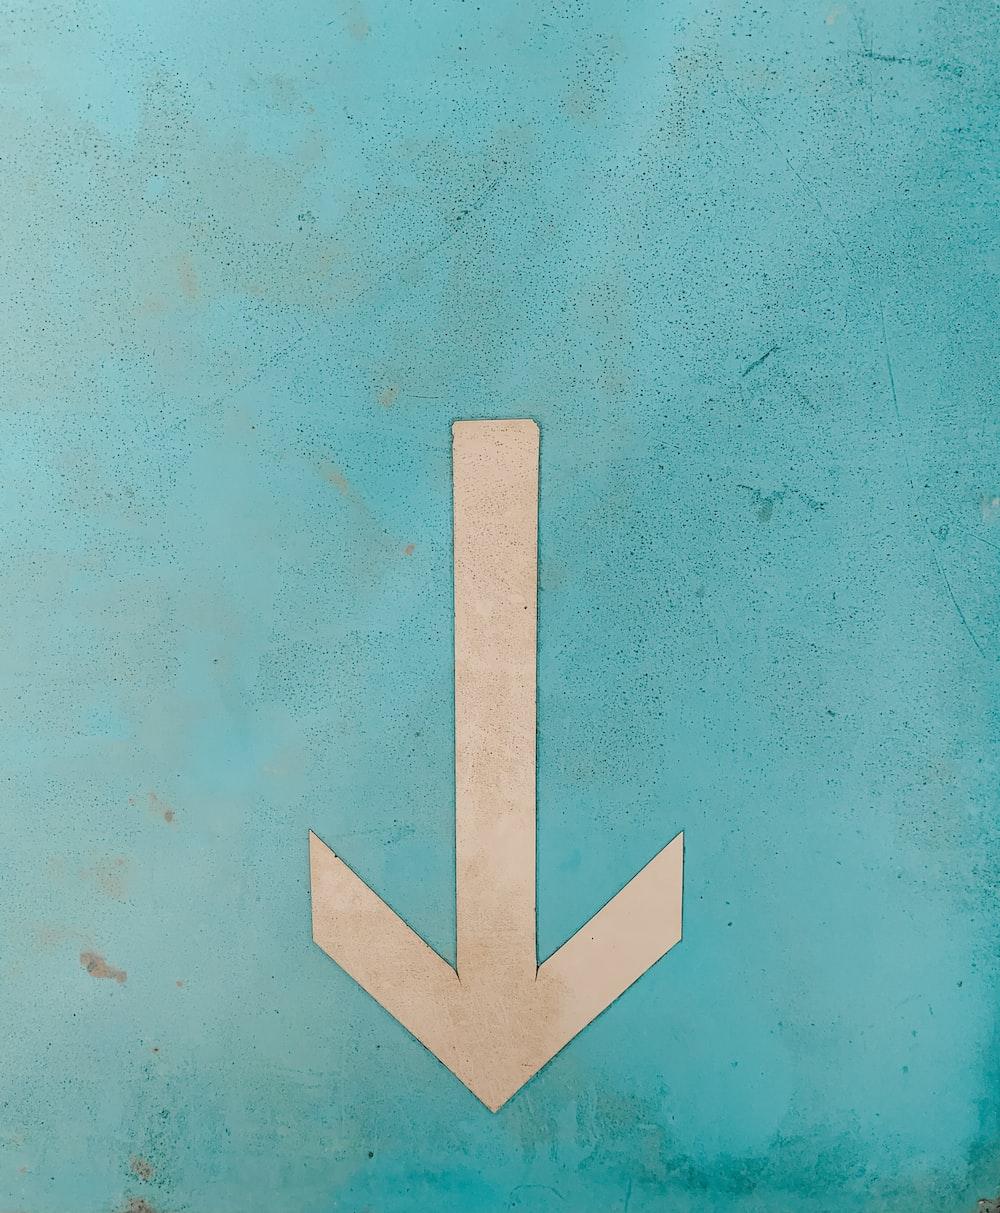 beige arrow